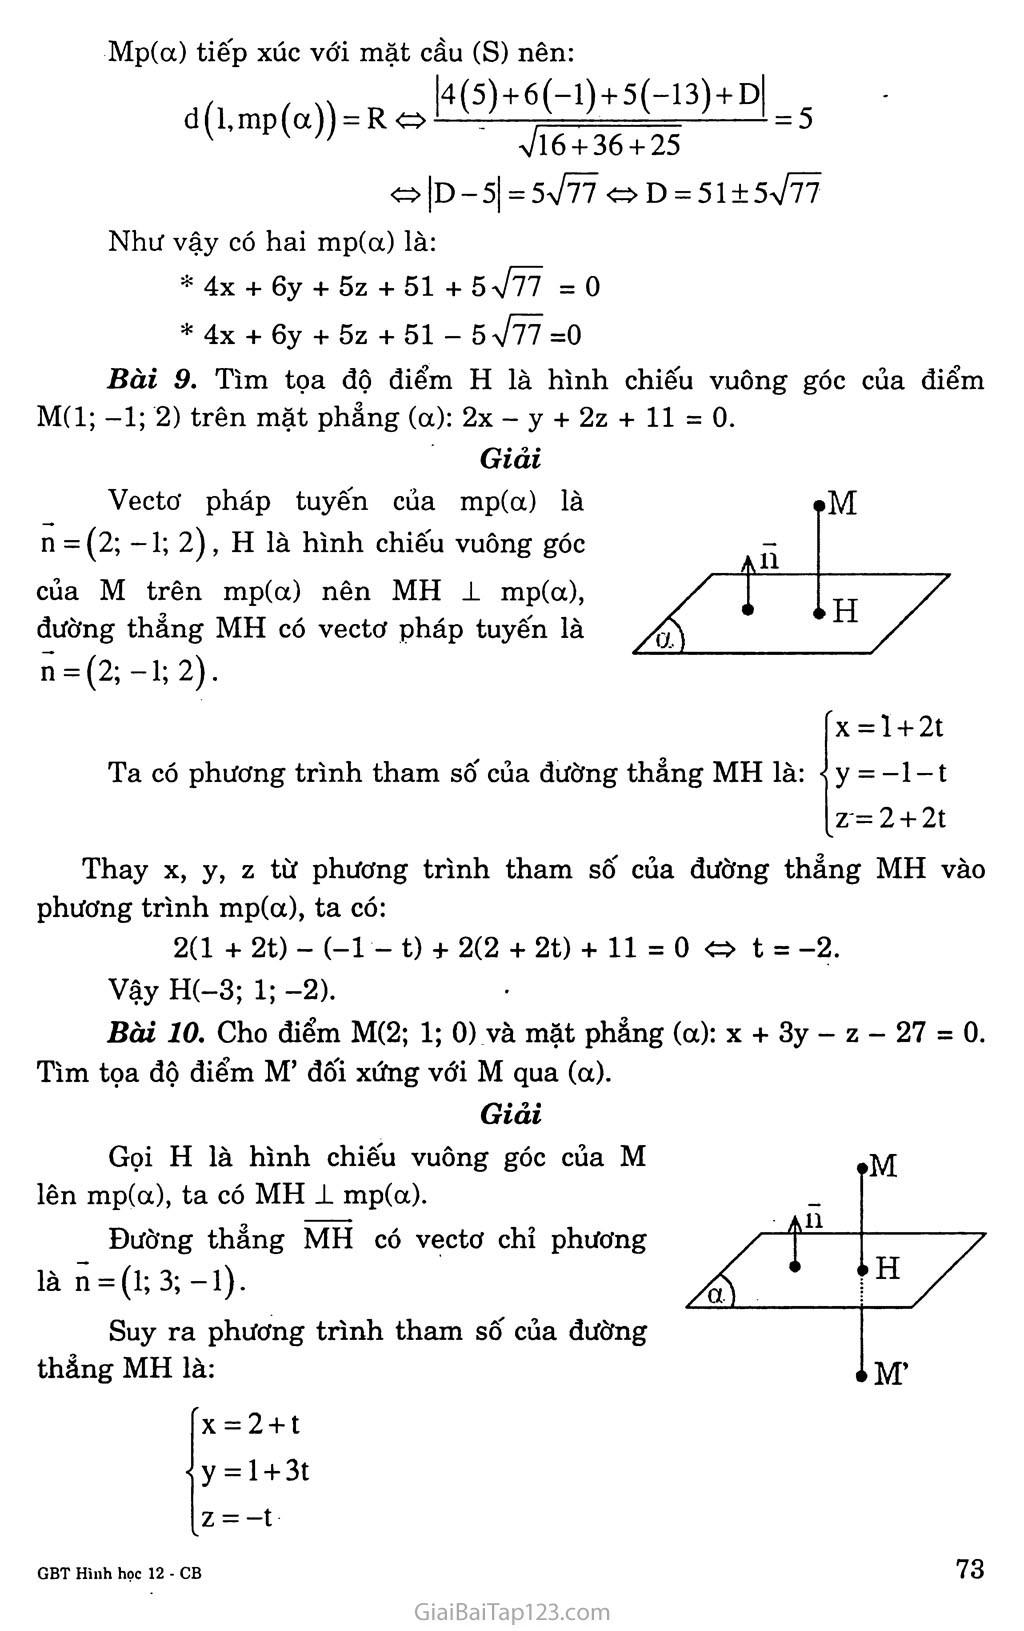 ÔN TẬP CHƯƠNG III trang 6